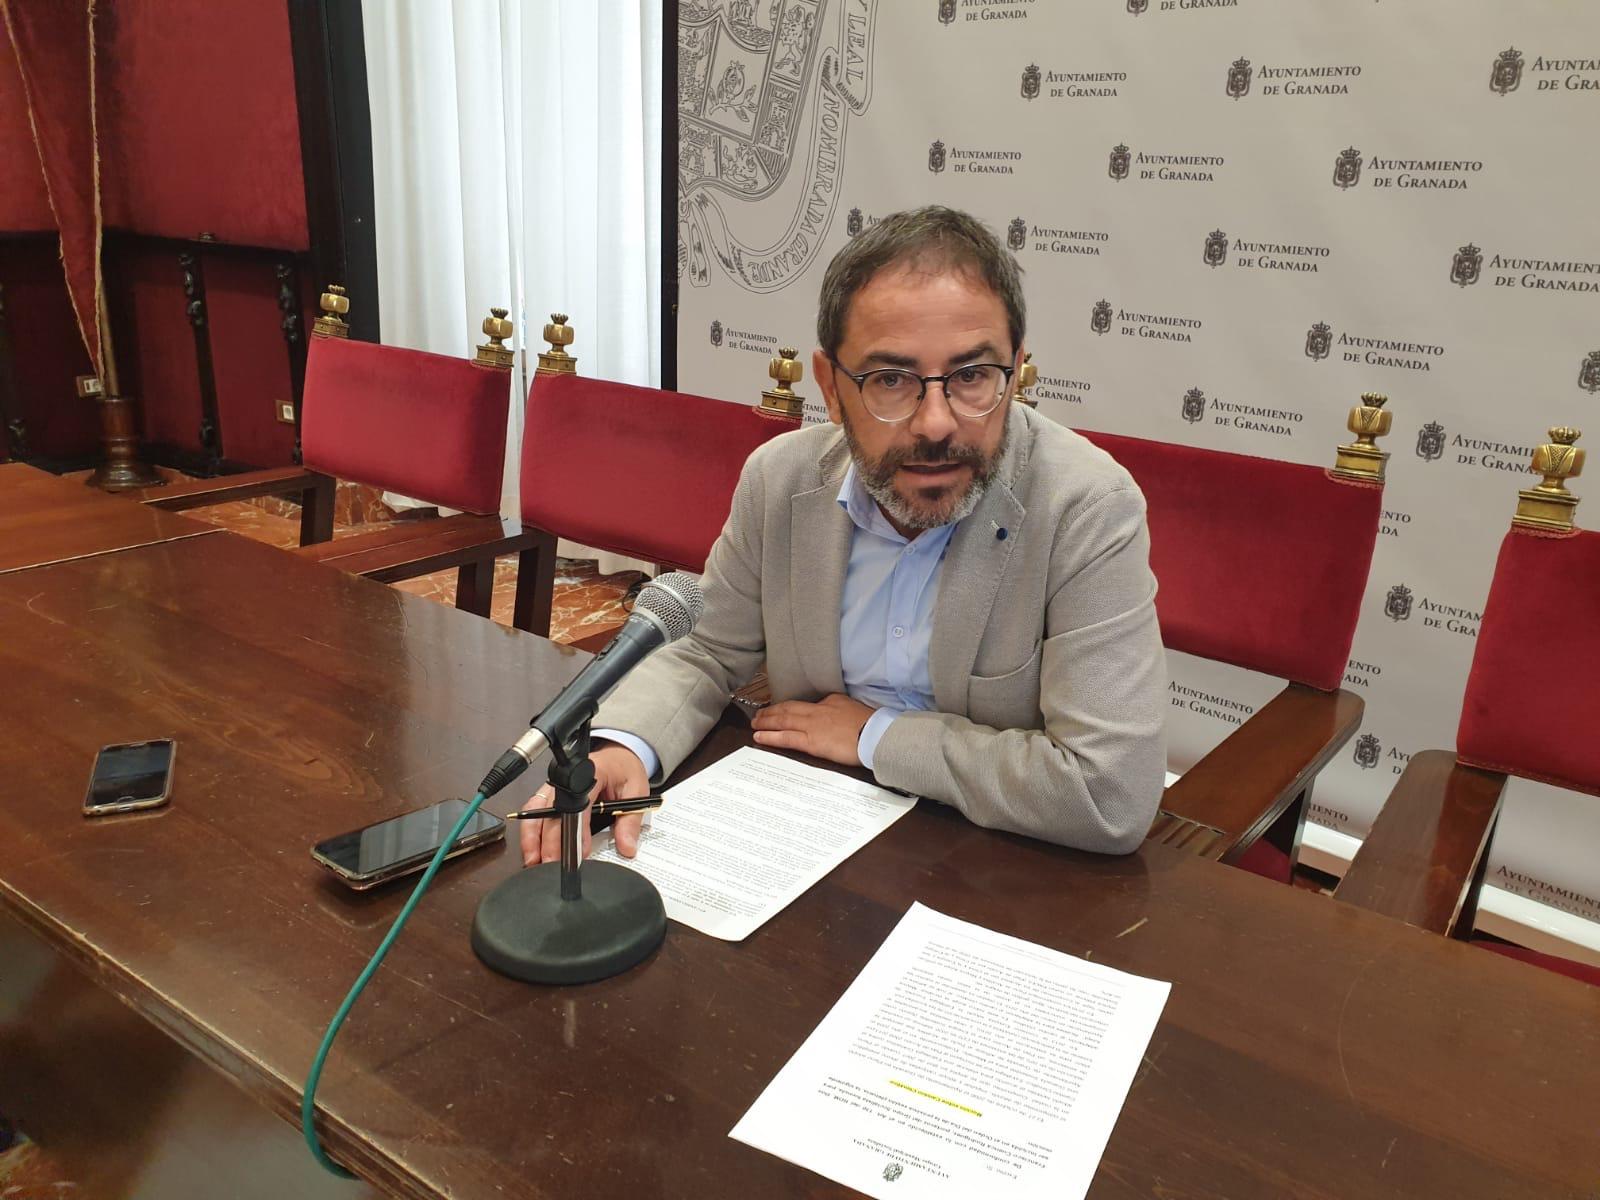 El PSOE EXIGE POR ESCRITO INFORMACIÓN SOBRE SANTA ADELA TRAS LA DEJADEZ DEL EQUIPO DE GOBIERNO FERNANDEZ-MADRID-EN-UNA-FOTO-DE-ARCHIVO